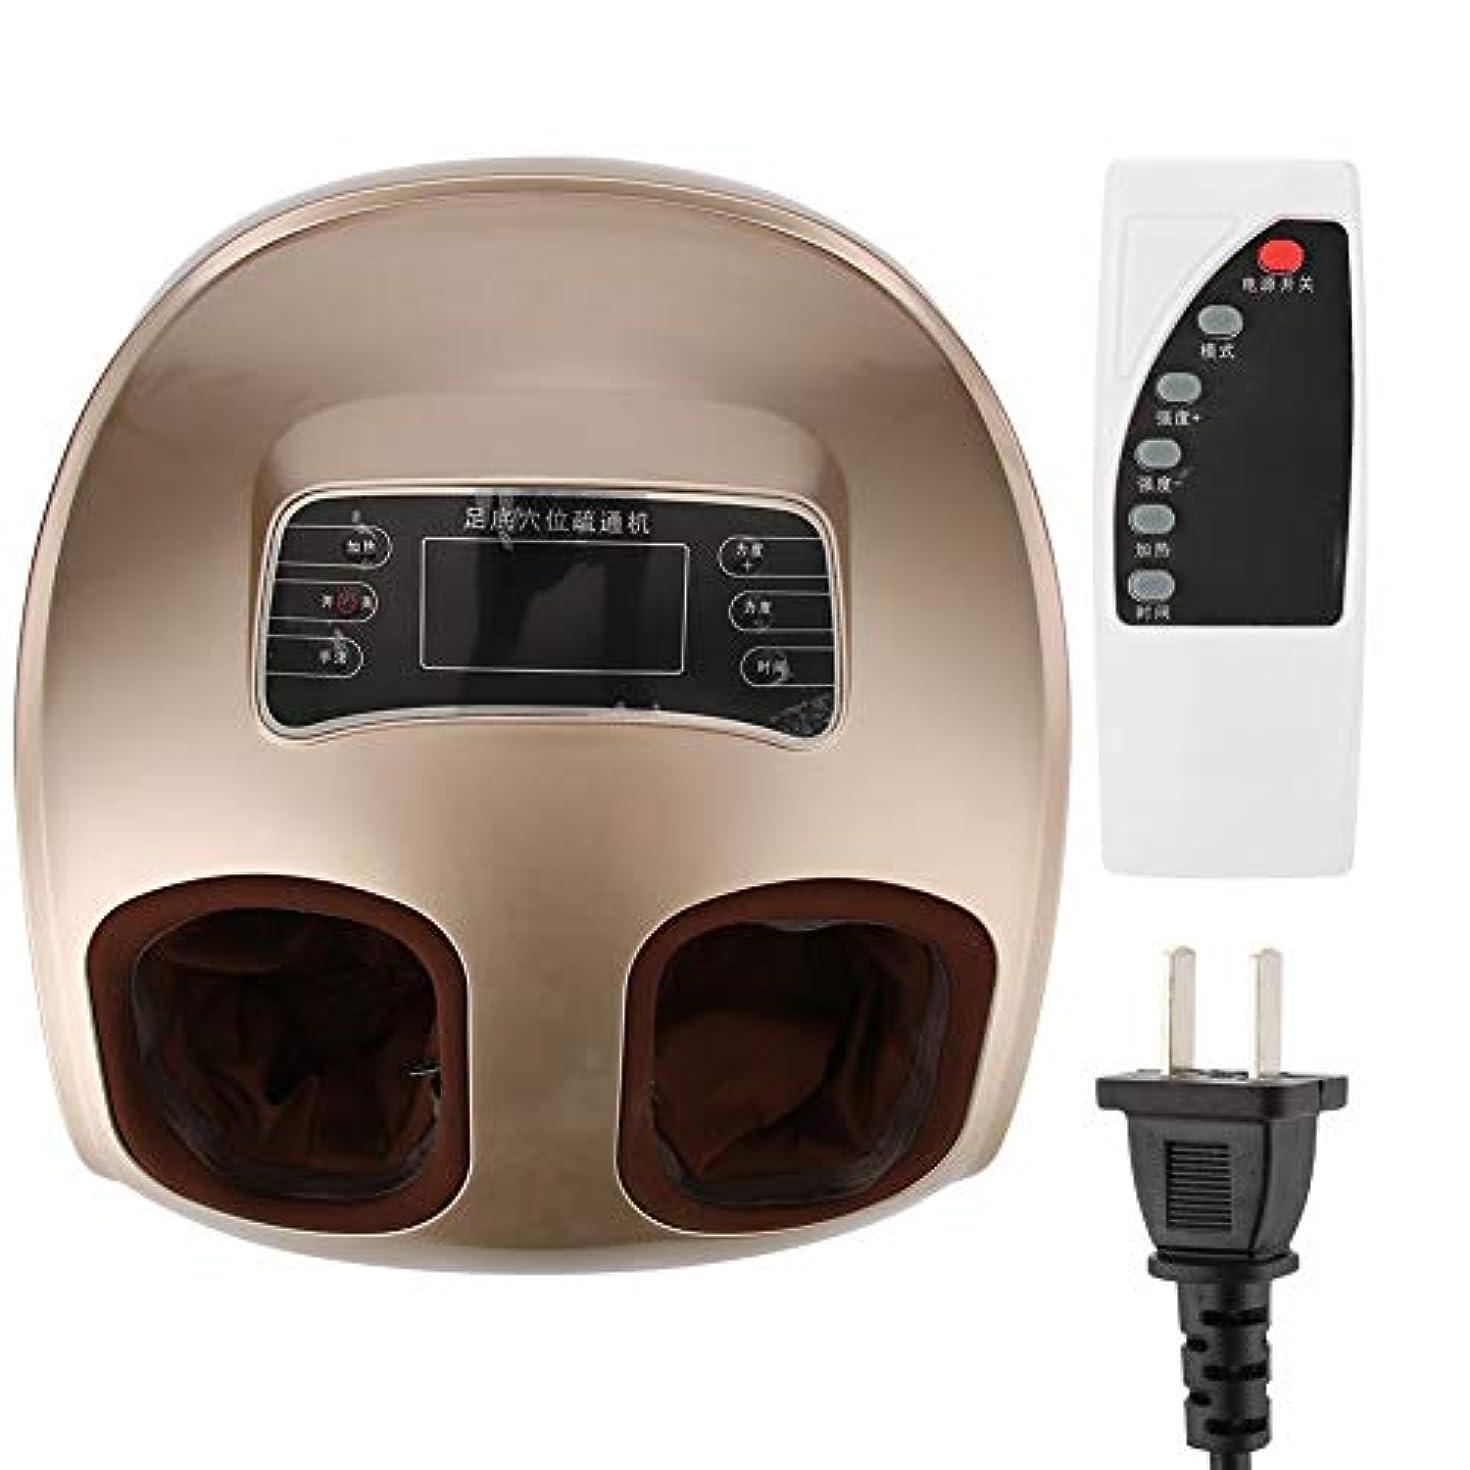 フットマッサージャー220ボルト電気フットマッサージャー足鍼ポイントマッサージ混練軽減する疲労マシンCN